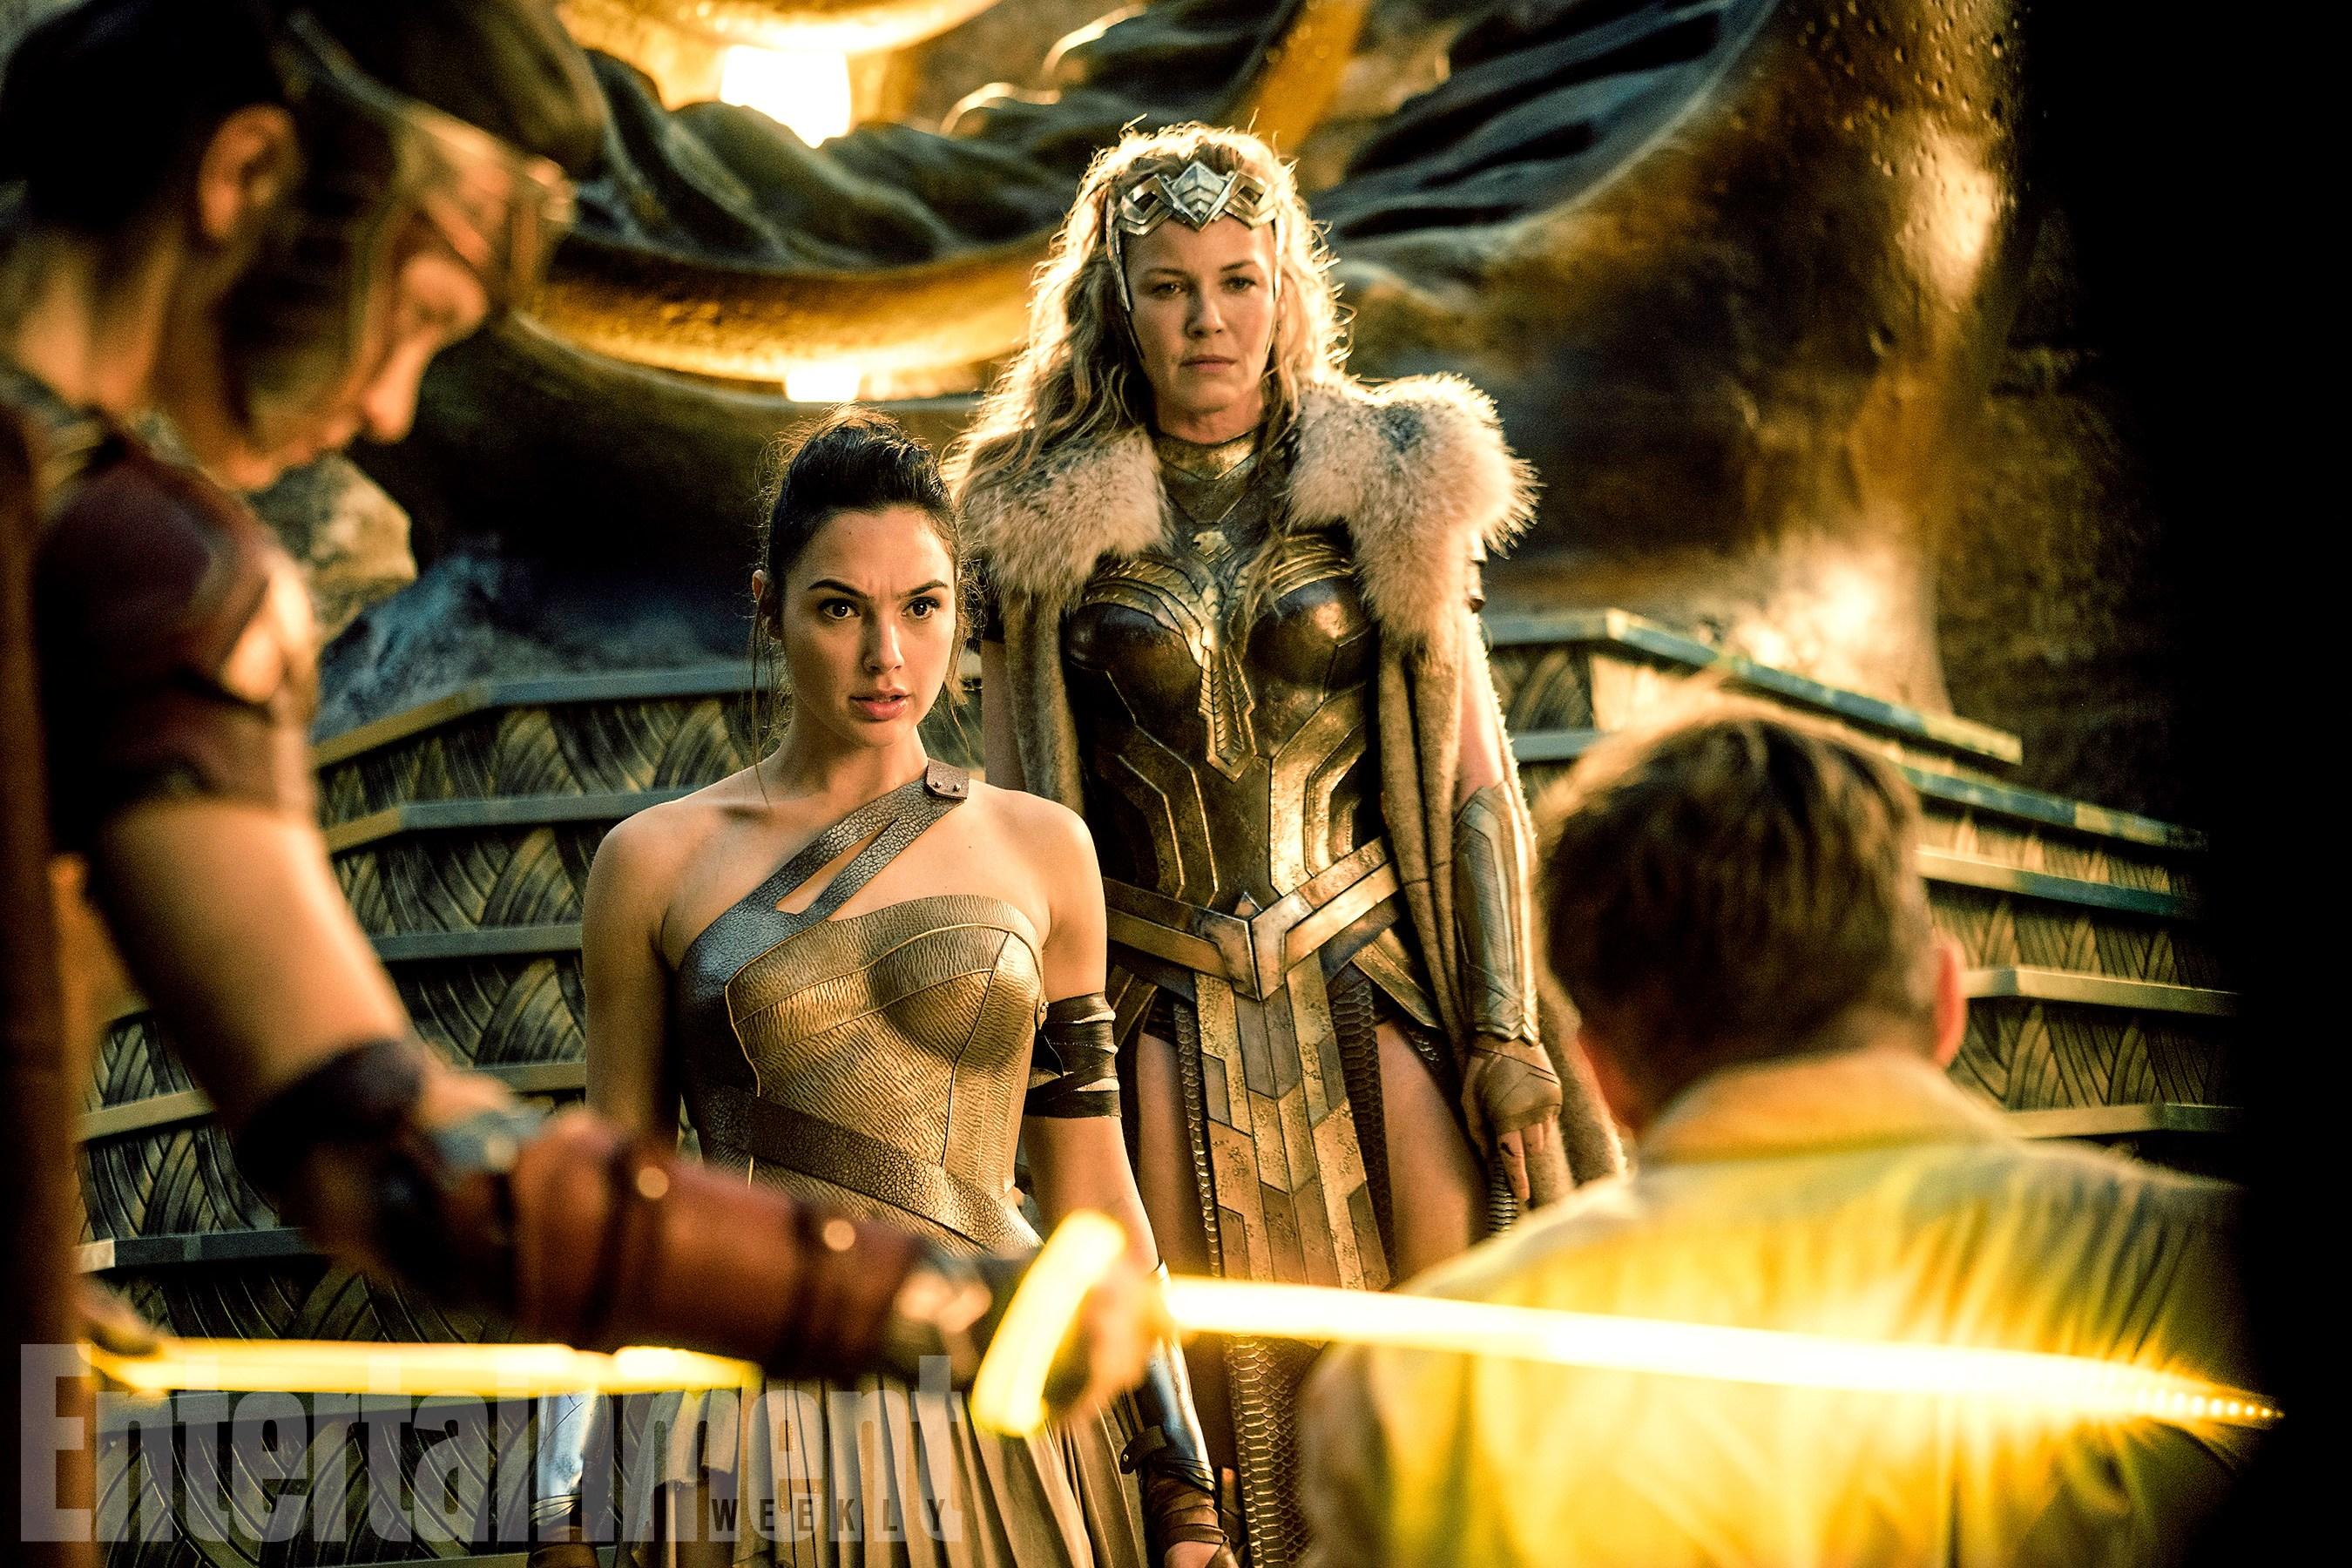 Lisa Loven Kongsli (Menalippe), Gal Gadot (Diana Prince/Wonder Woman), Connie Nielsen (Hippolyta királynő) és Chris Pine (Steve Trevor)